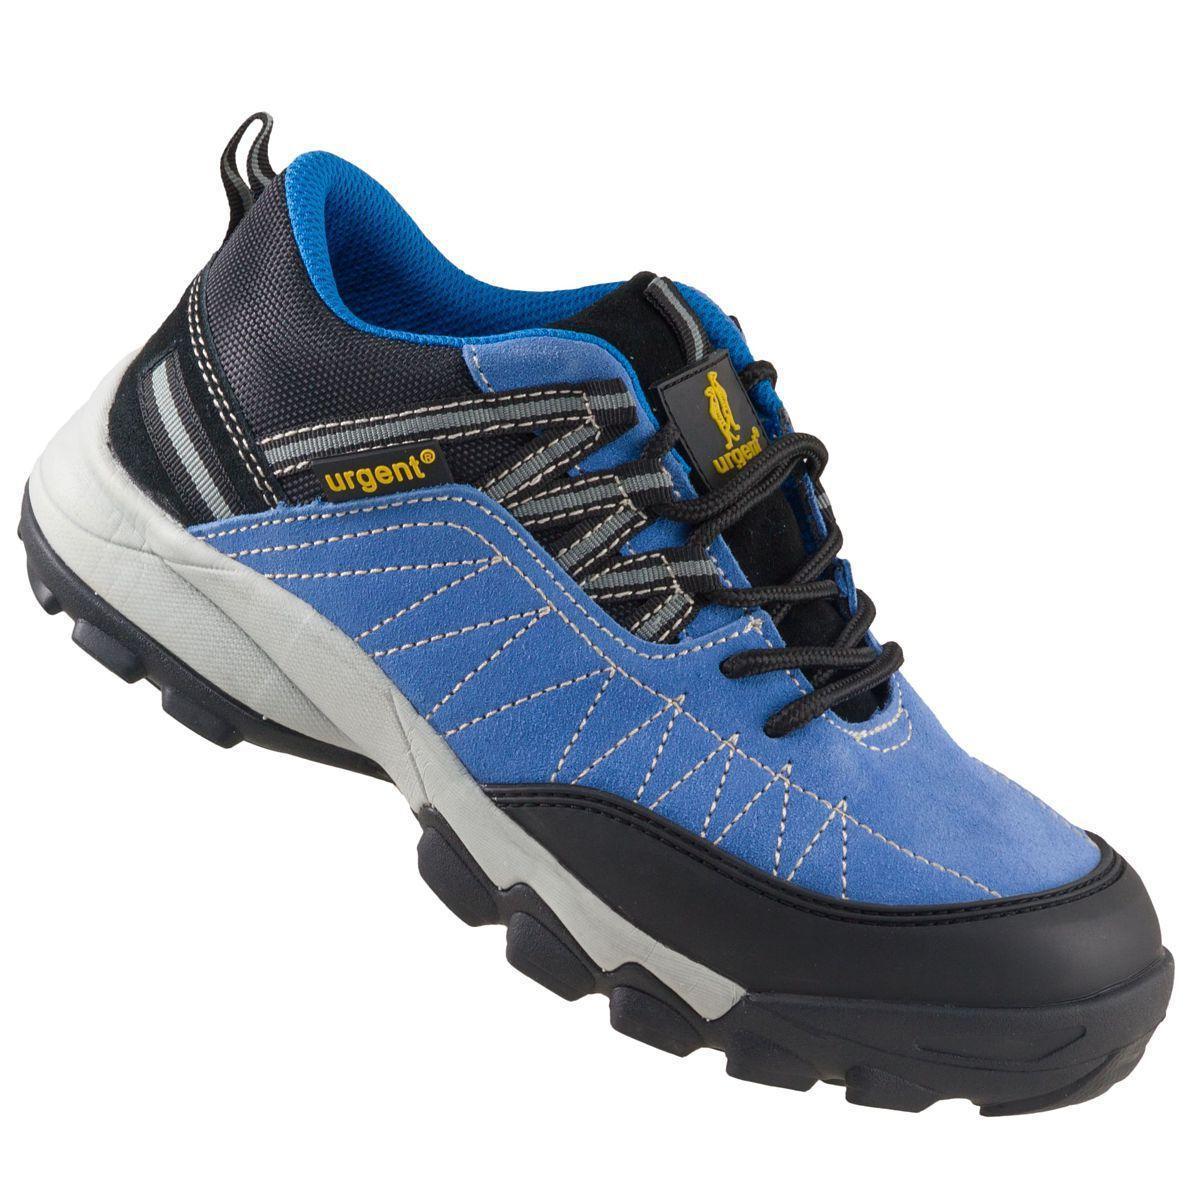 Кроссовки 233 S1 защитые с металлическим носком, черно-синего цвета.  URGENT (POLAND)  43